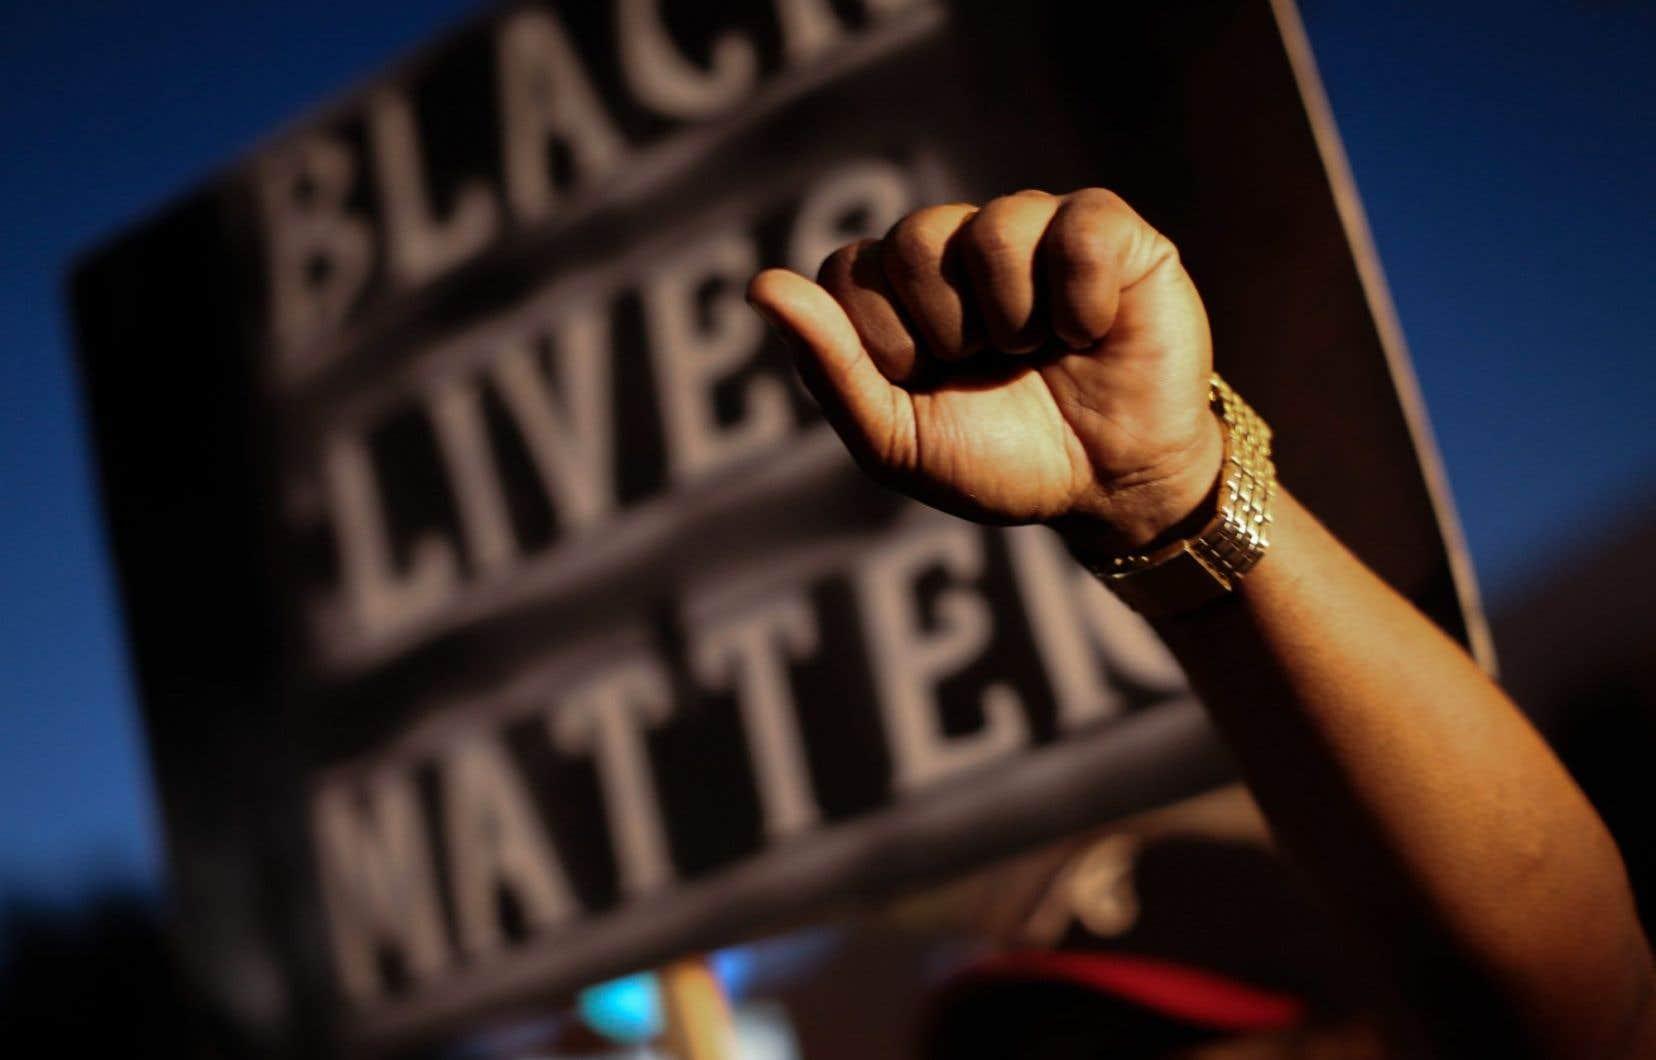 Il s'agit d'une cinquième journée consécutive de manifestation à Charlotte après que des agents eurent abattu un Afro-Américain plus tôt cette semaine.